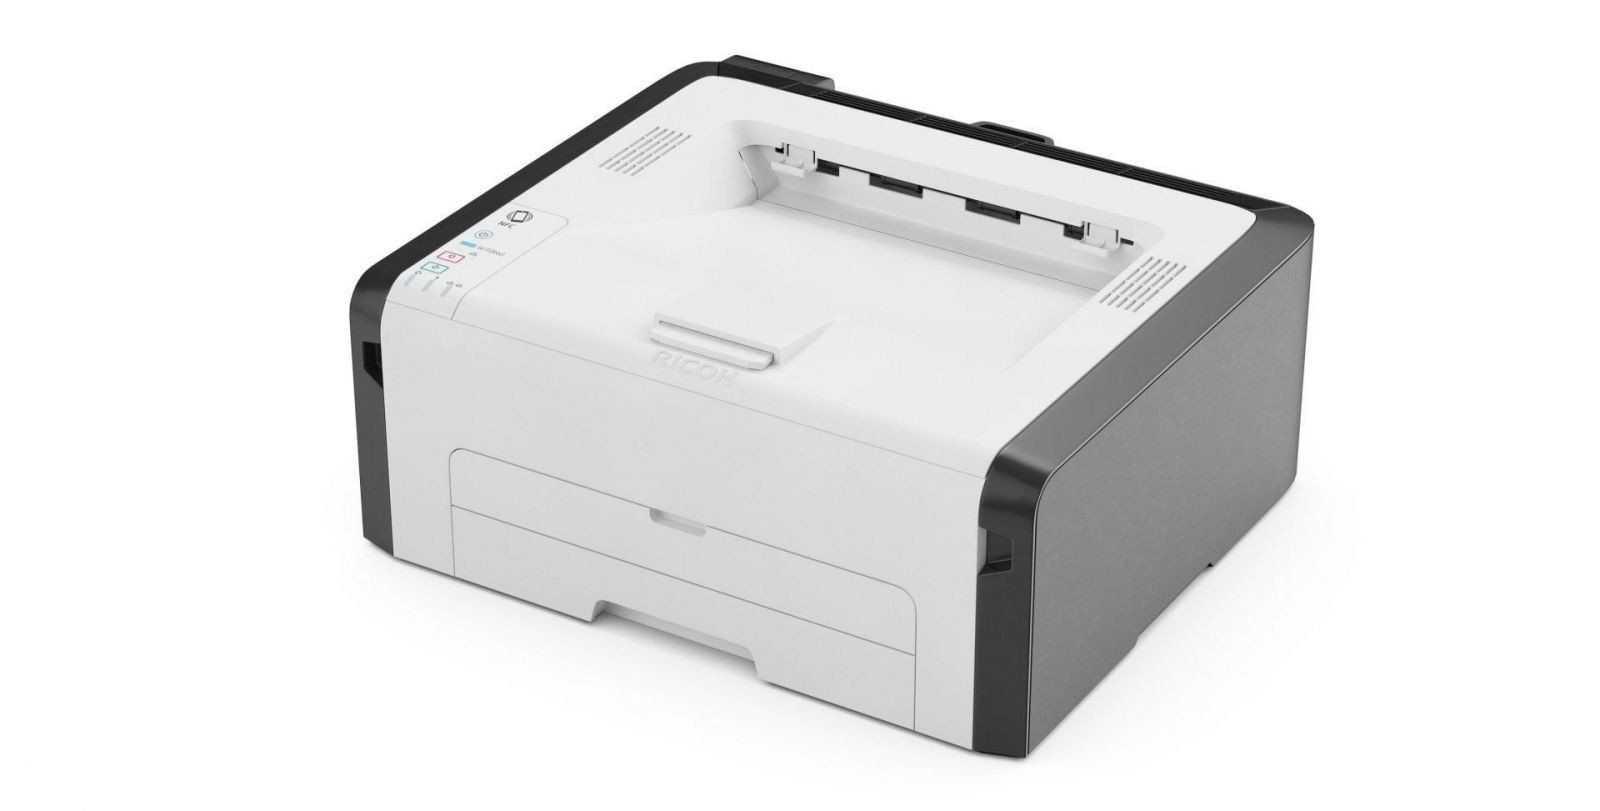 Ricoh представляет на российском рынке новые экономичные принтеры и МФУ (Ricoh sp220Nw)